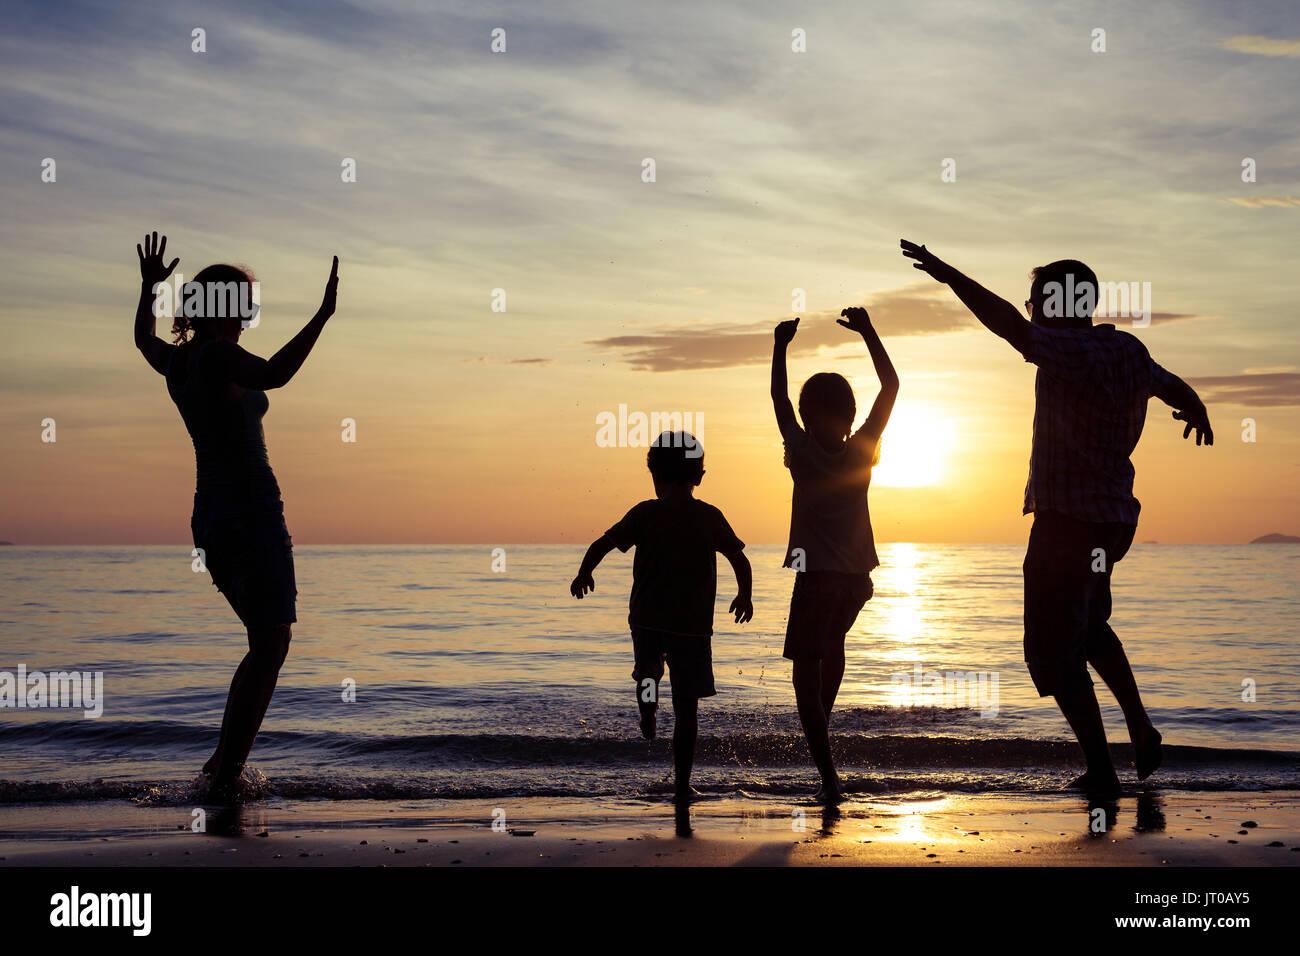 Silueta De Familia Feliz Que Jugando En La Playa Al